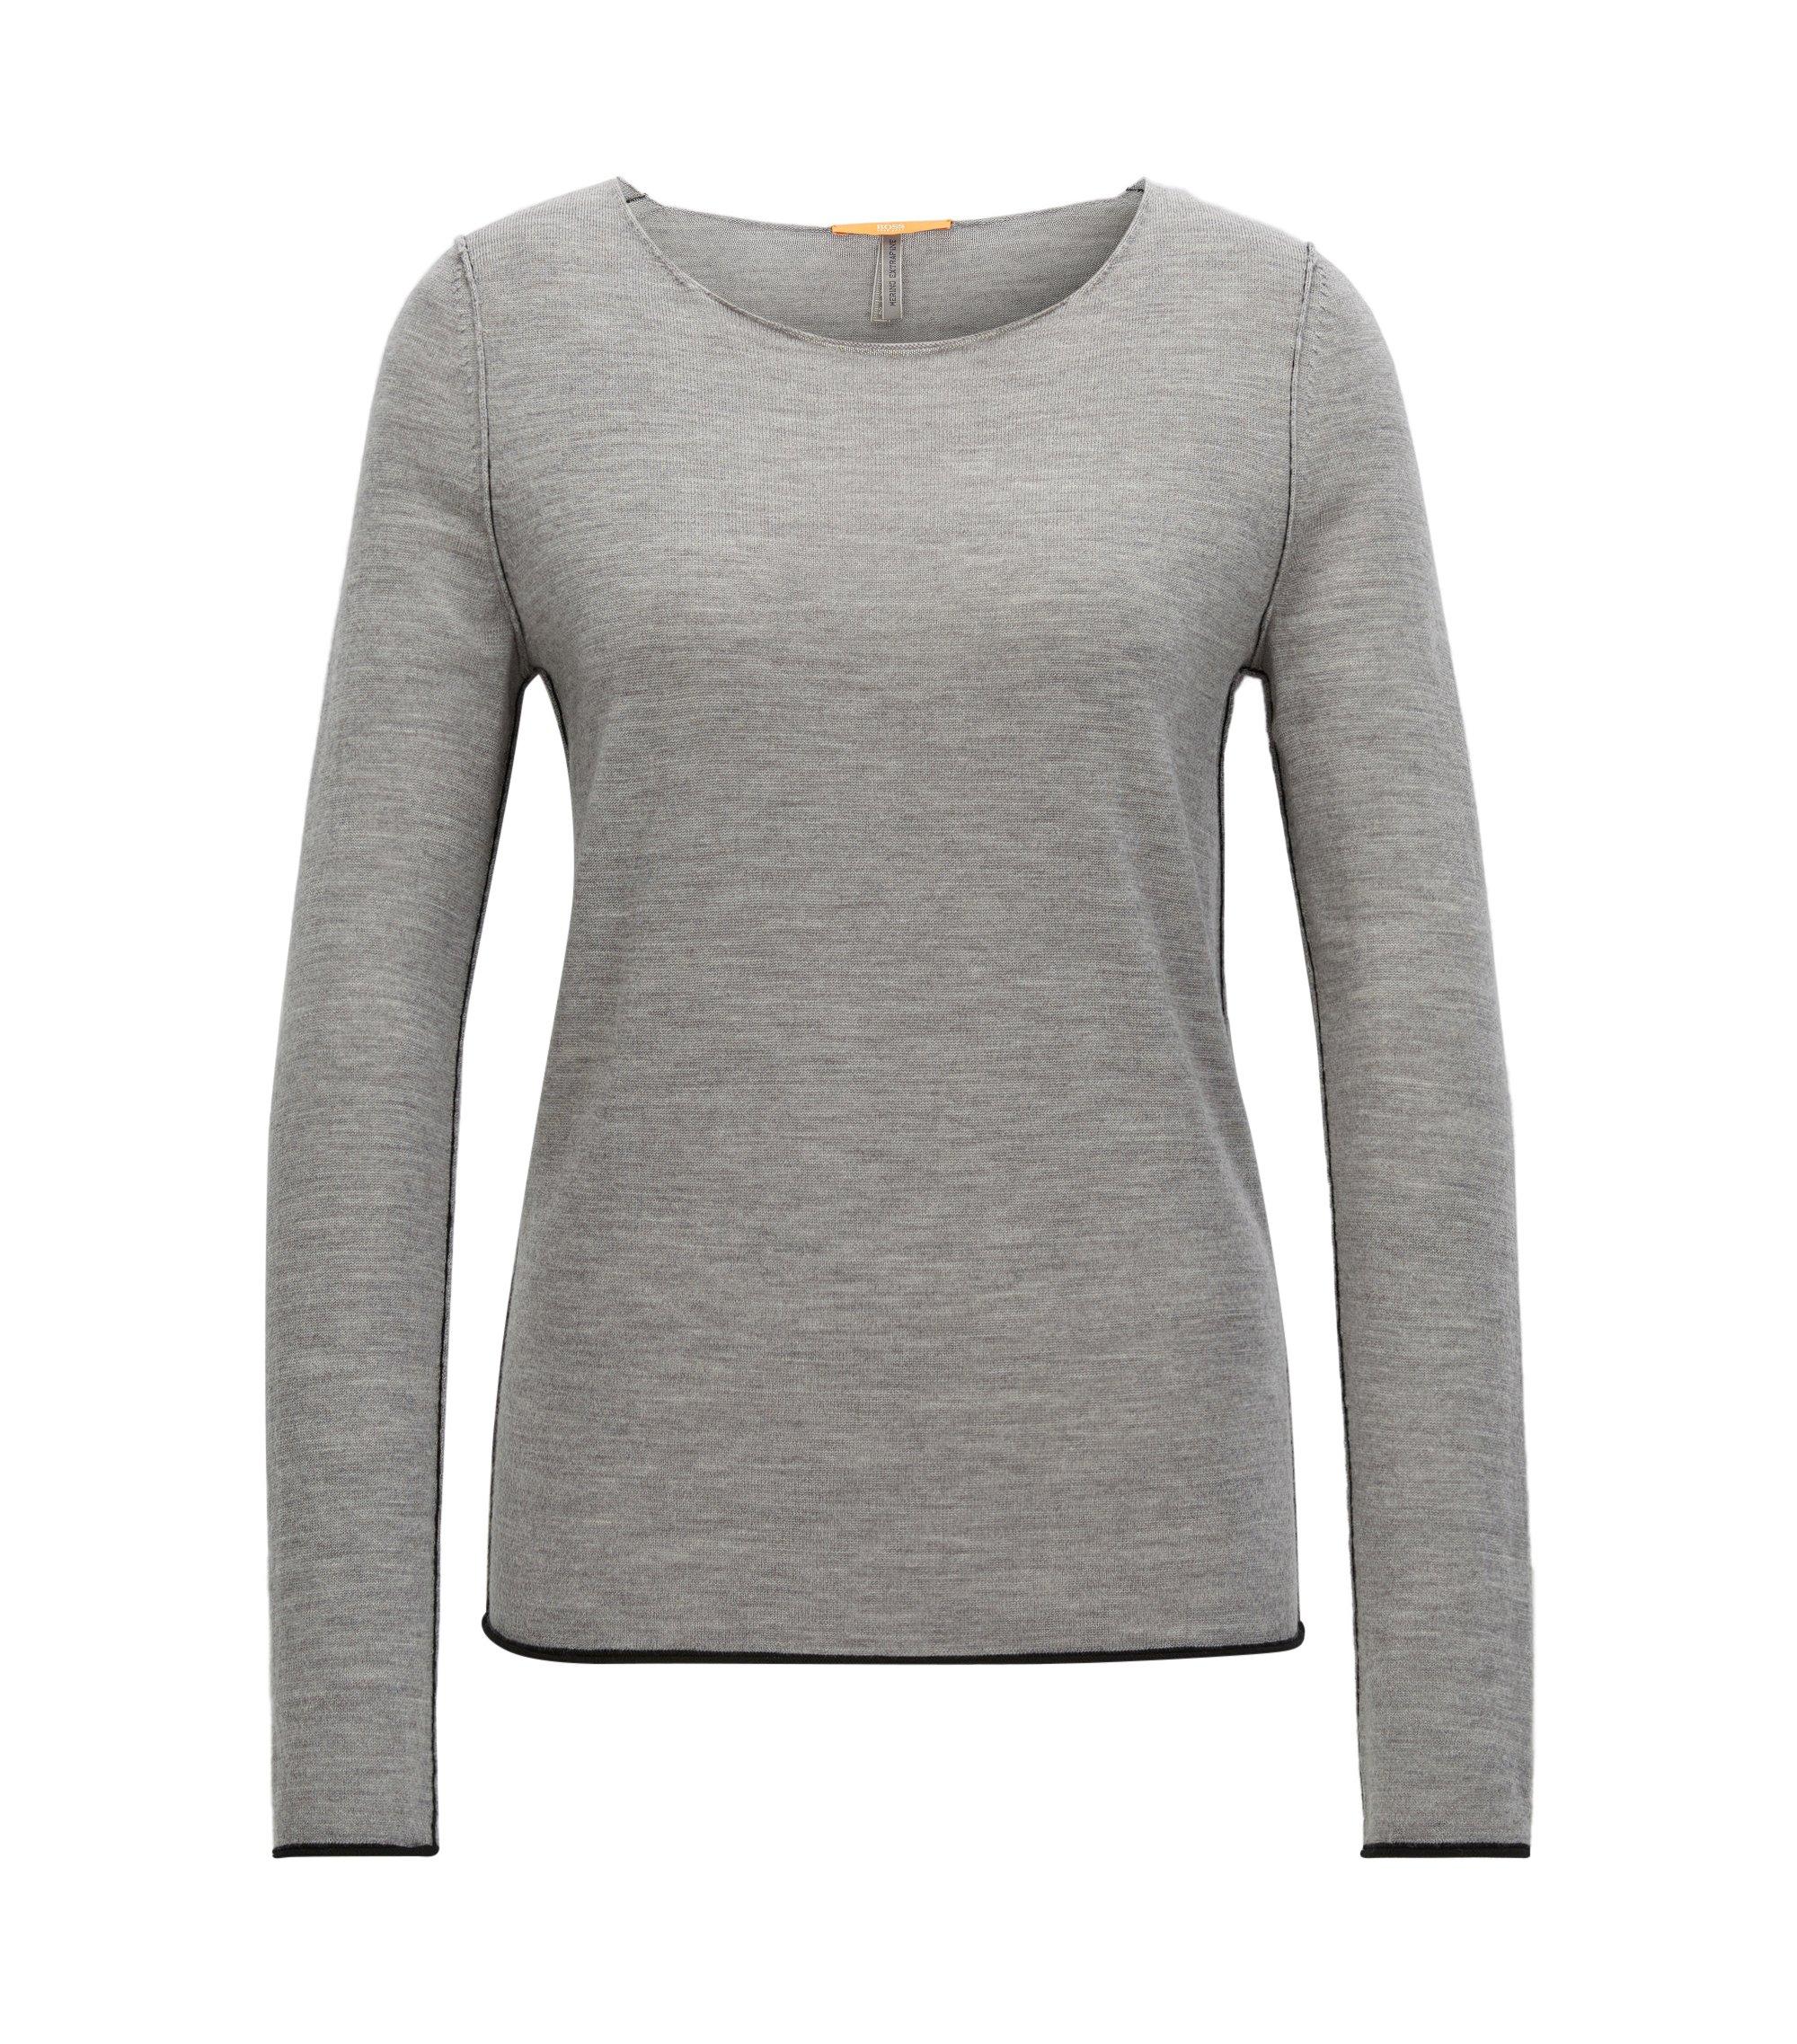 Regular-Fit Pullover aus leichter Schurwolle mit Rundhalsausschnitt, Grau